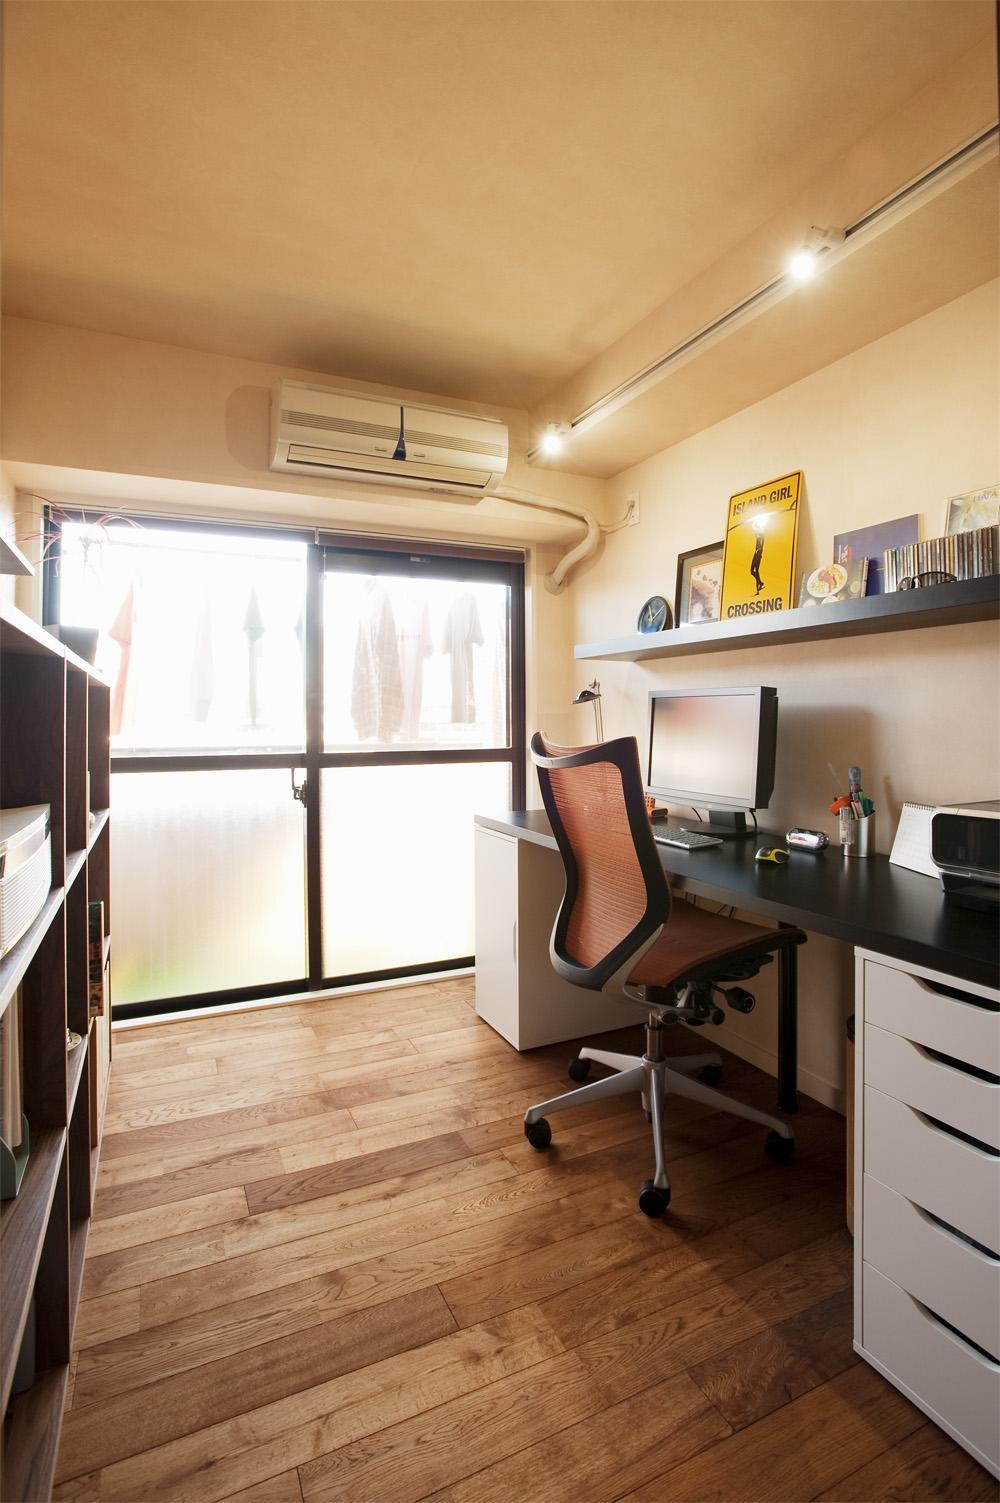 リノベーション・リフォーム会社:スタイル工房「T邸・さわやかな風の吹き抜ける住まい」